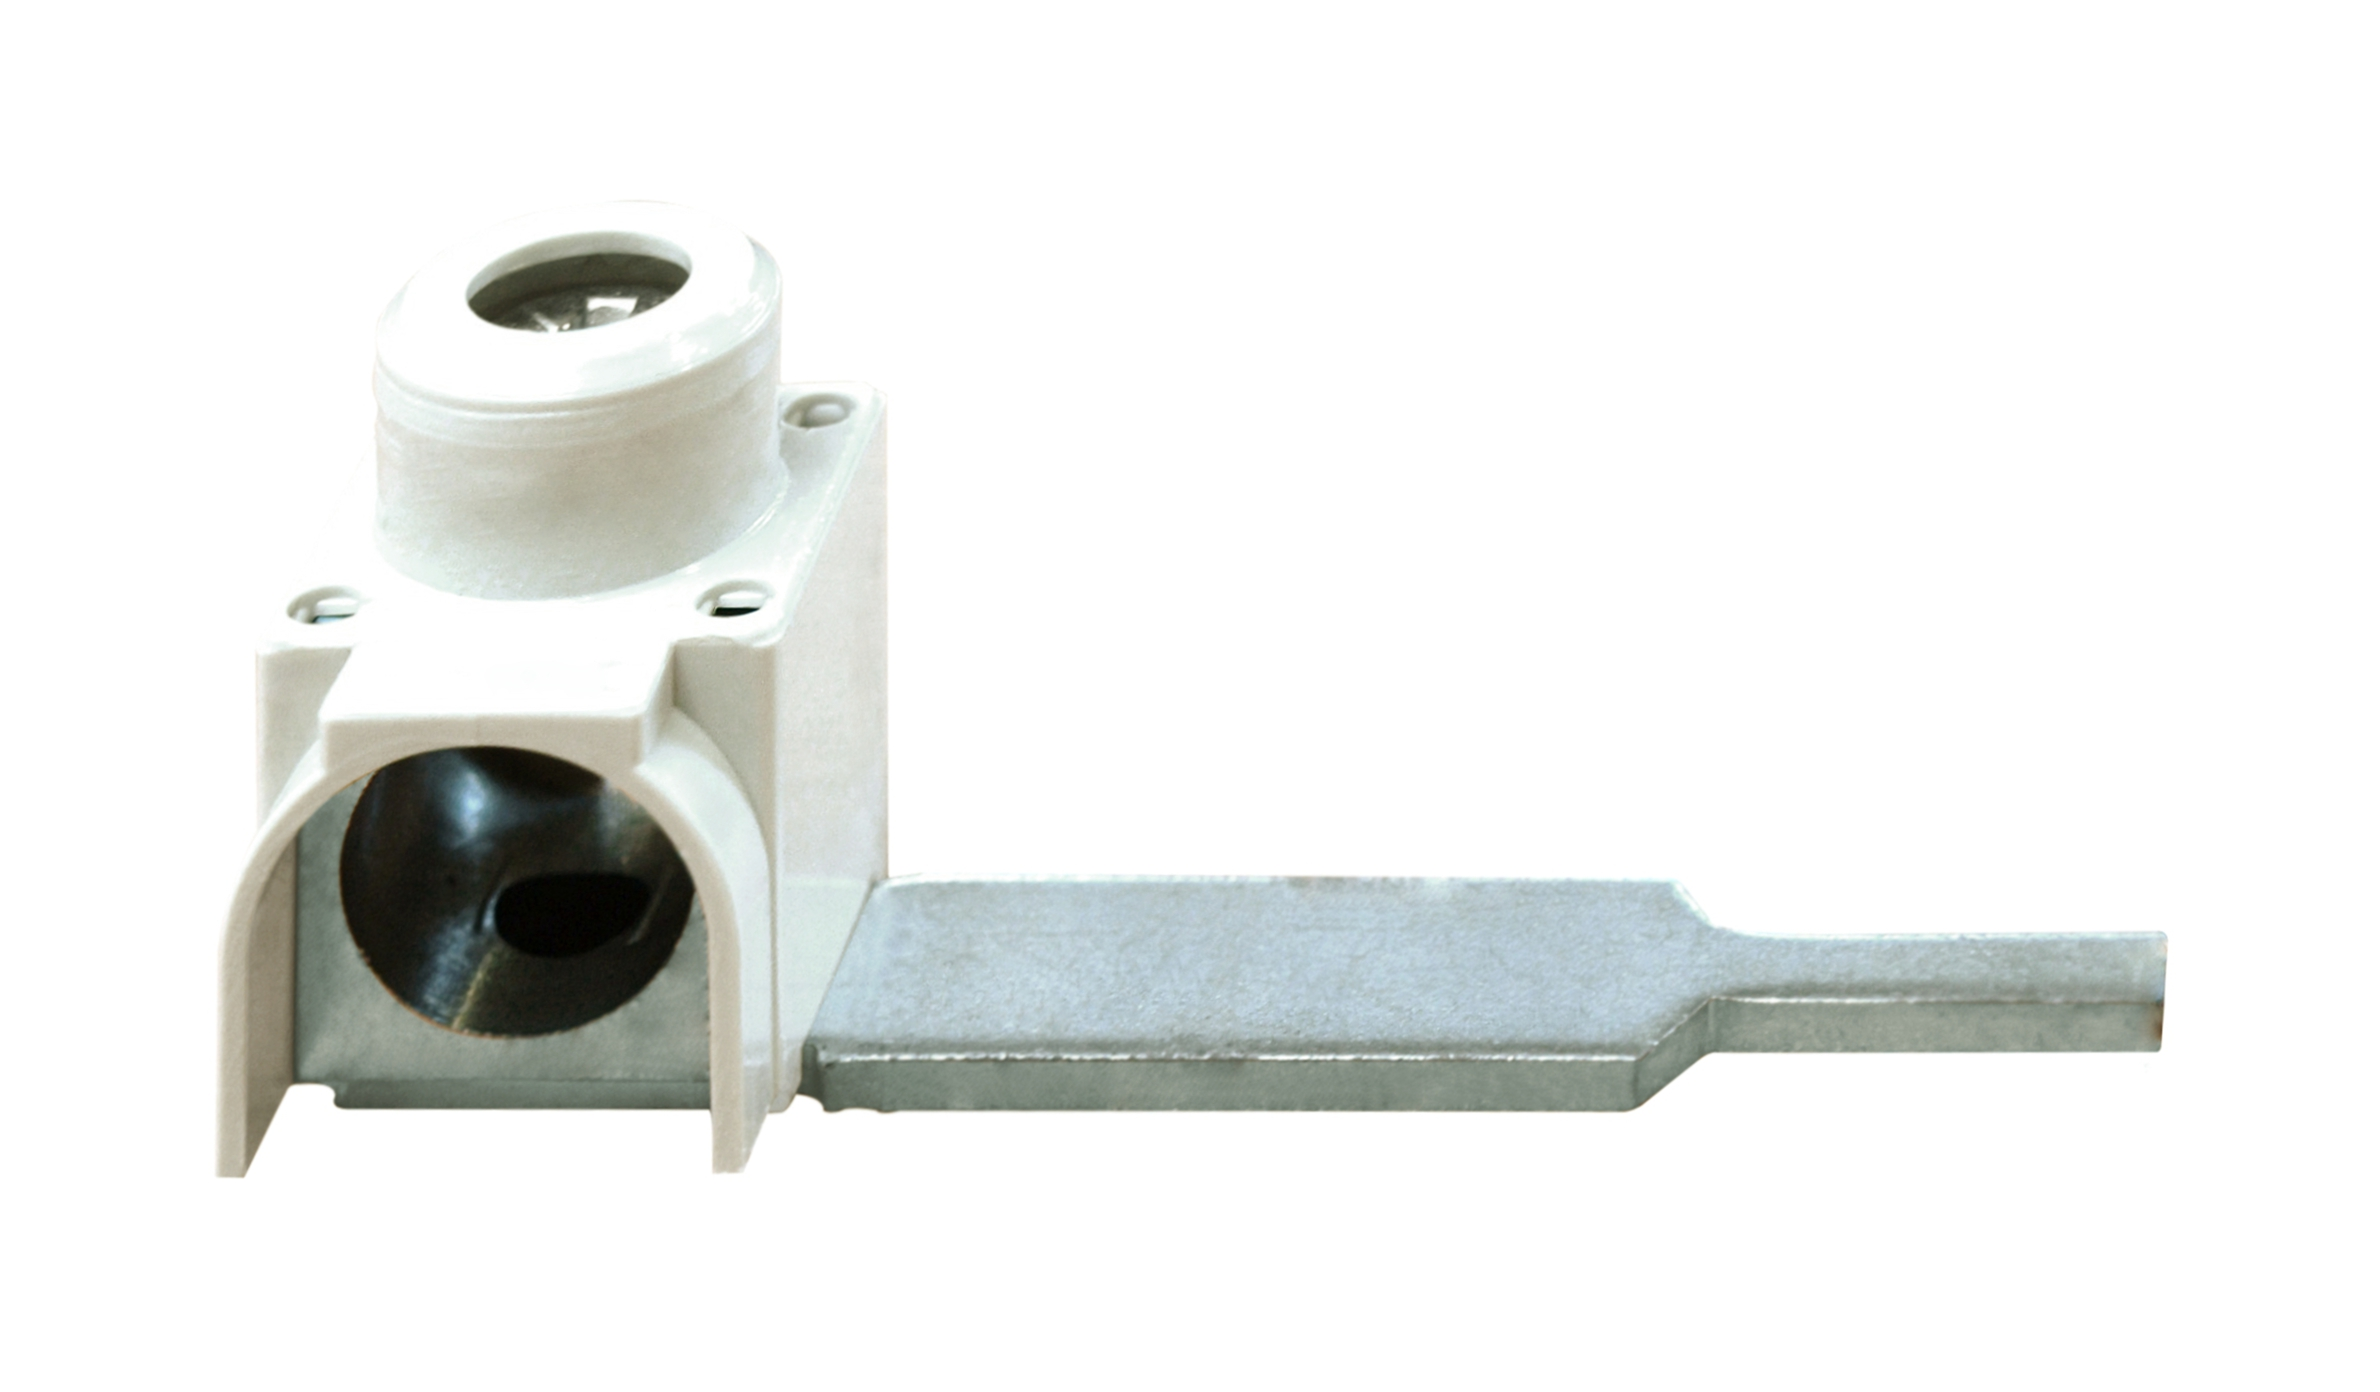 1 Stk Anschlußklemme, Stift, quer, 6-50mm², lang BS900178--